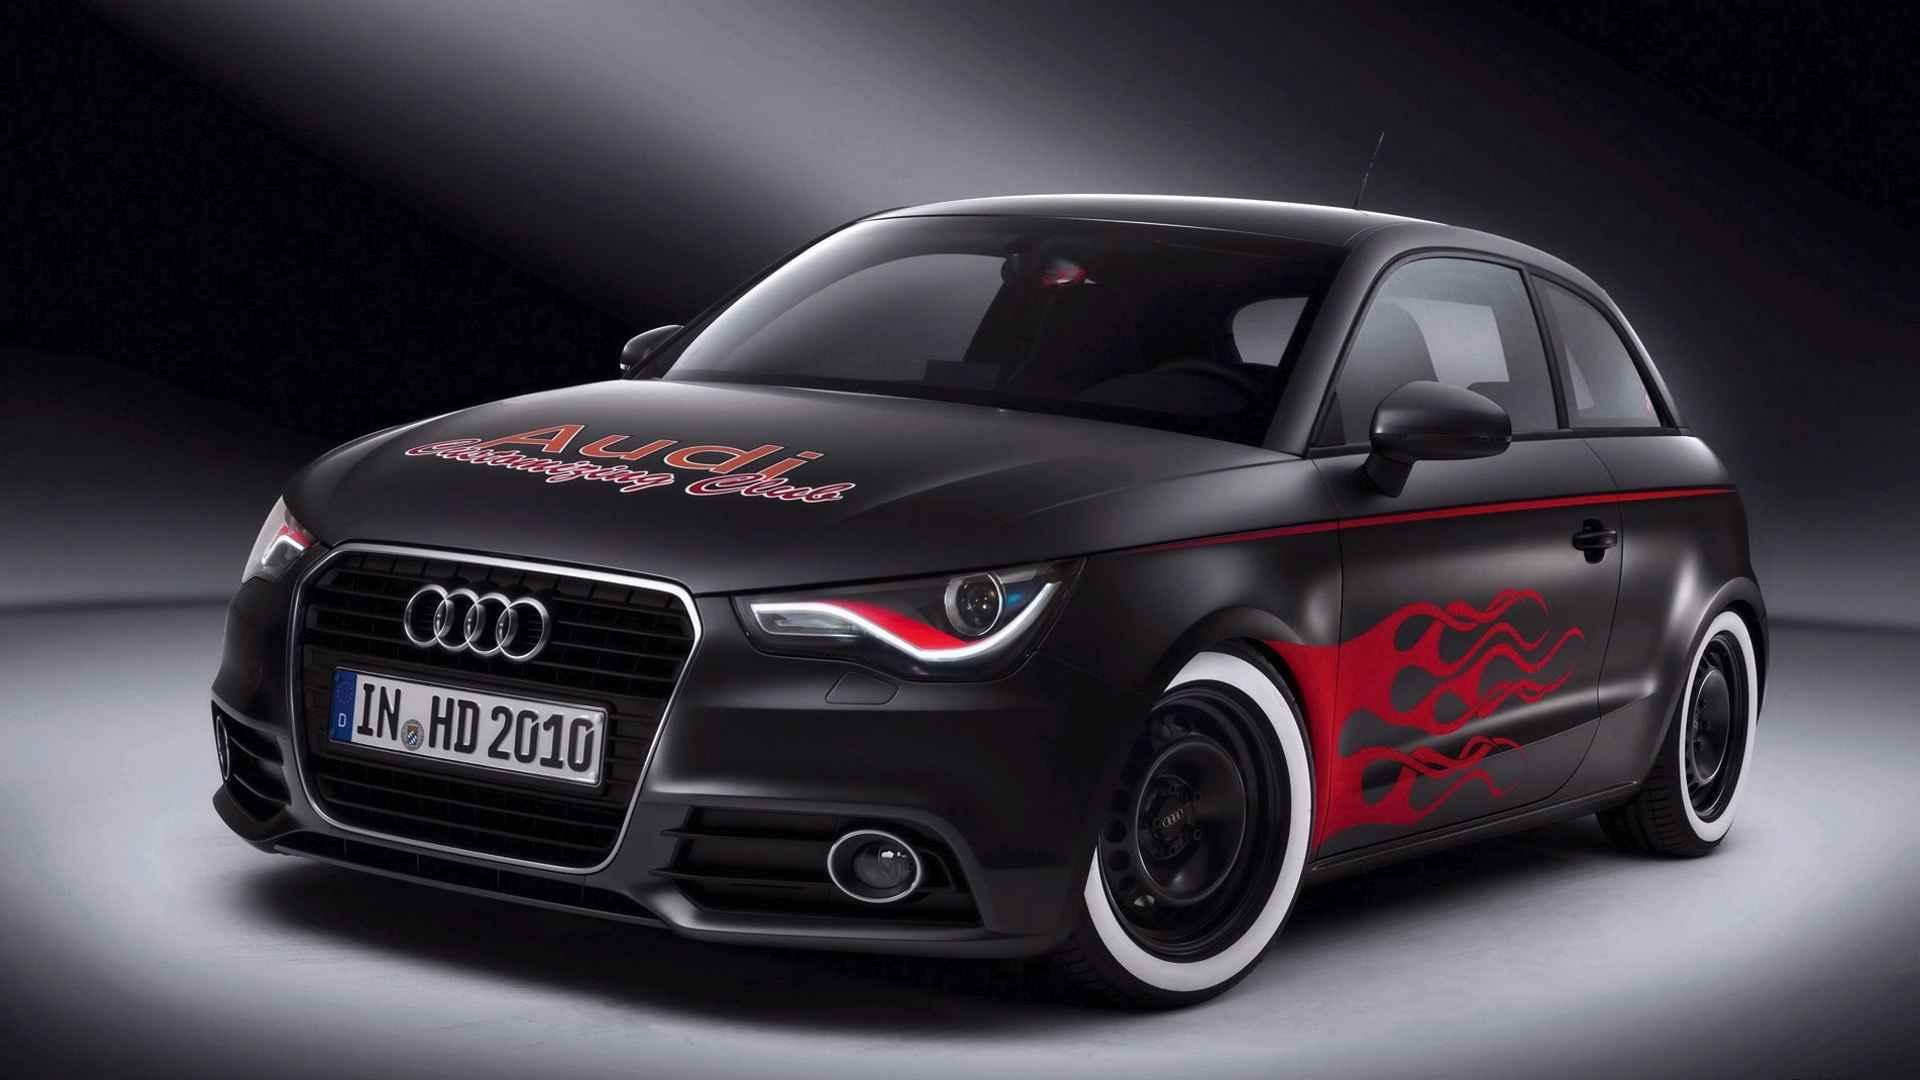 Audi car screen 392008 download wallpaper tuning audi car 1920x1080